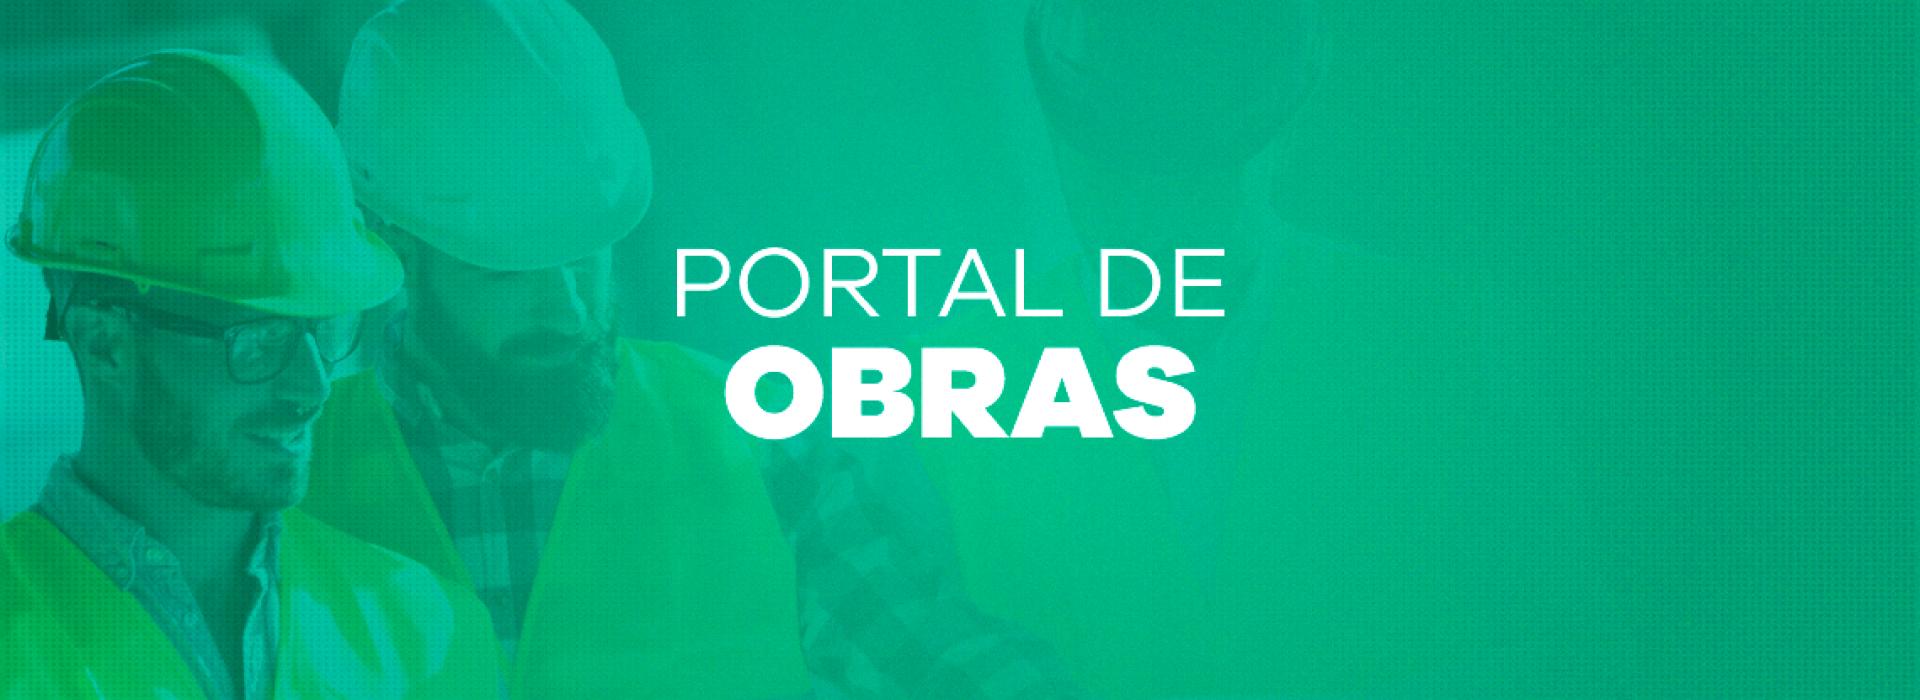 System Sistemas lança novo módulo Portal de Obras